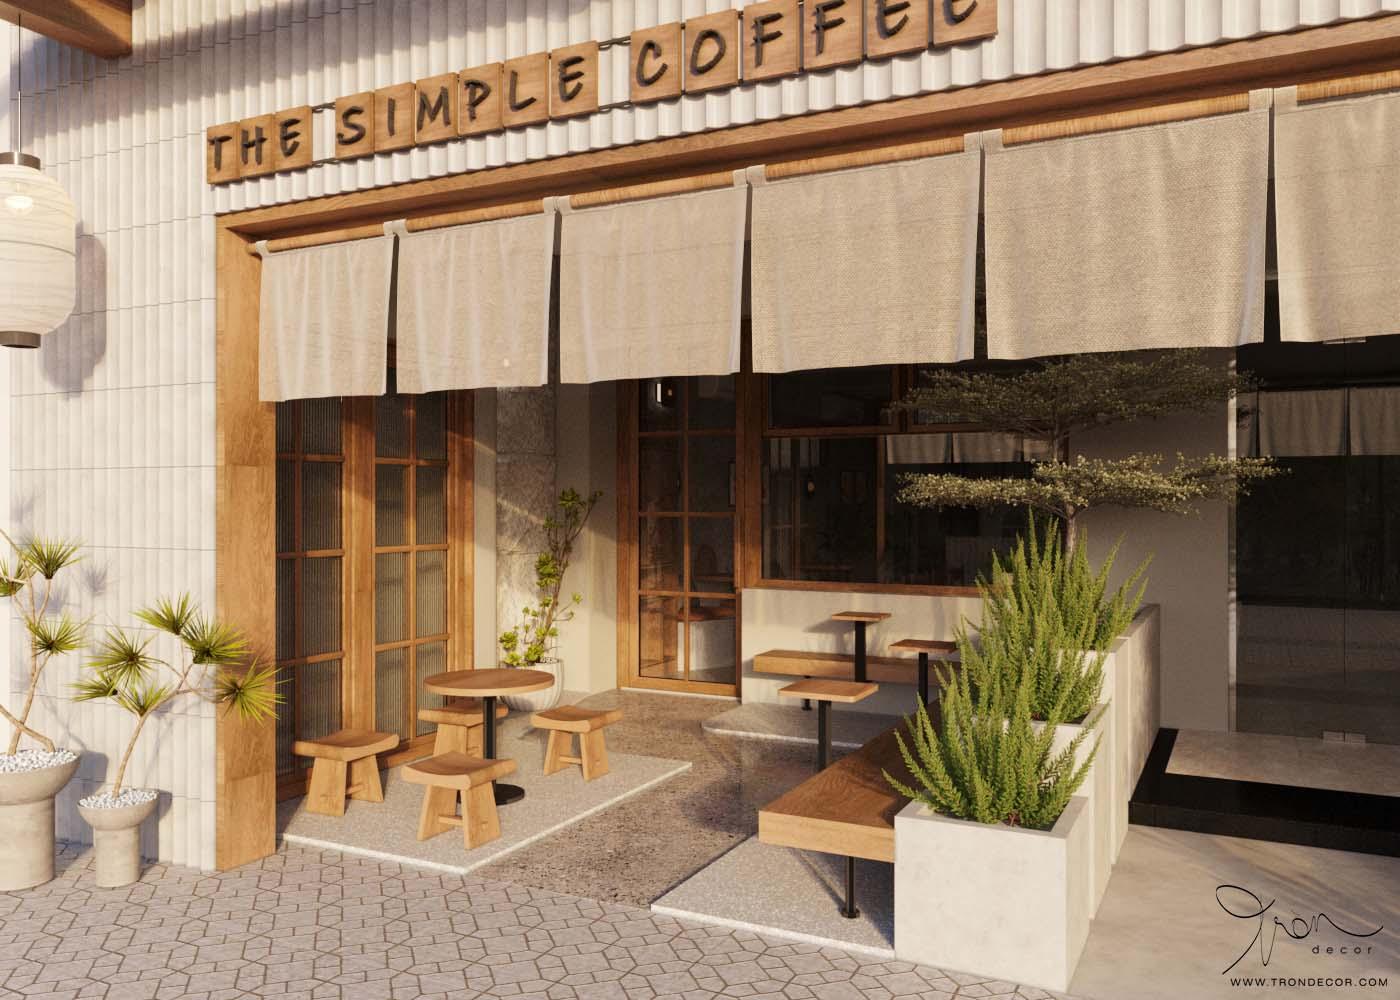 THIẾT KẾ NỘI THẤT QUÁN CÀ PHÊ 70M2 - THE SIMPLE COFFEE